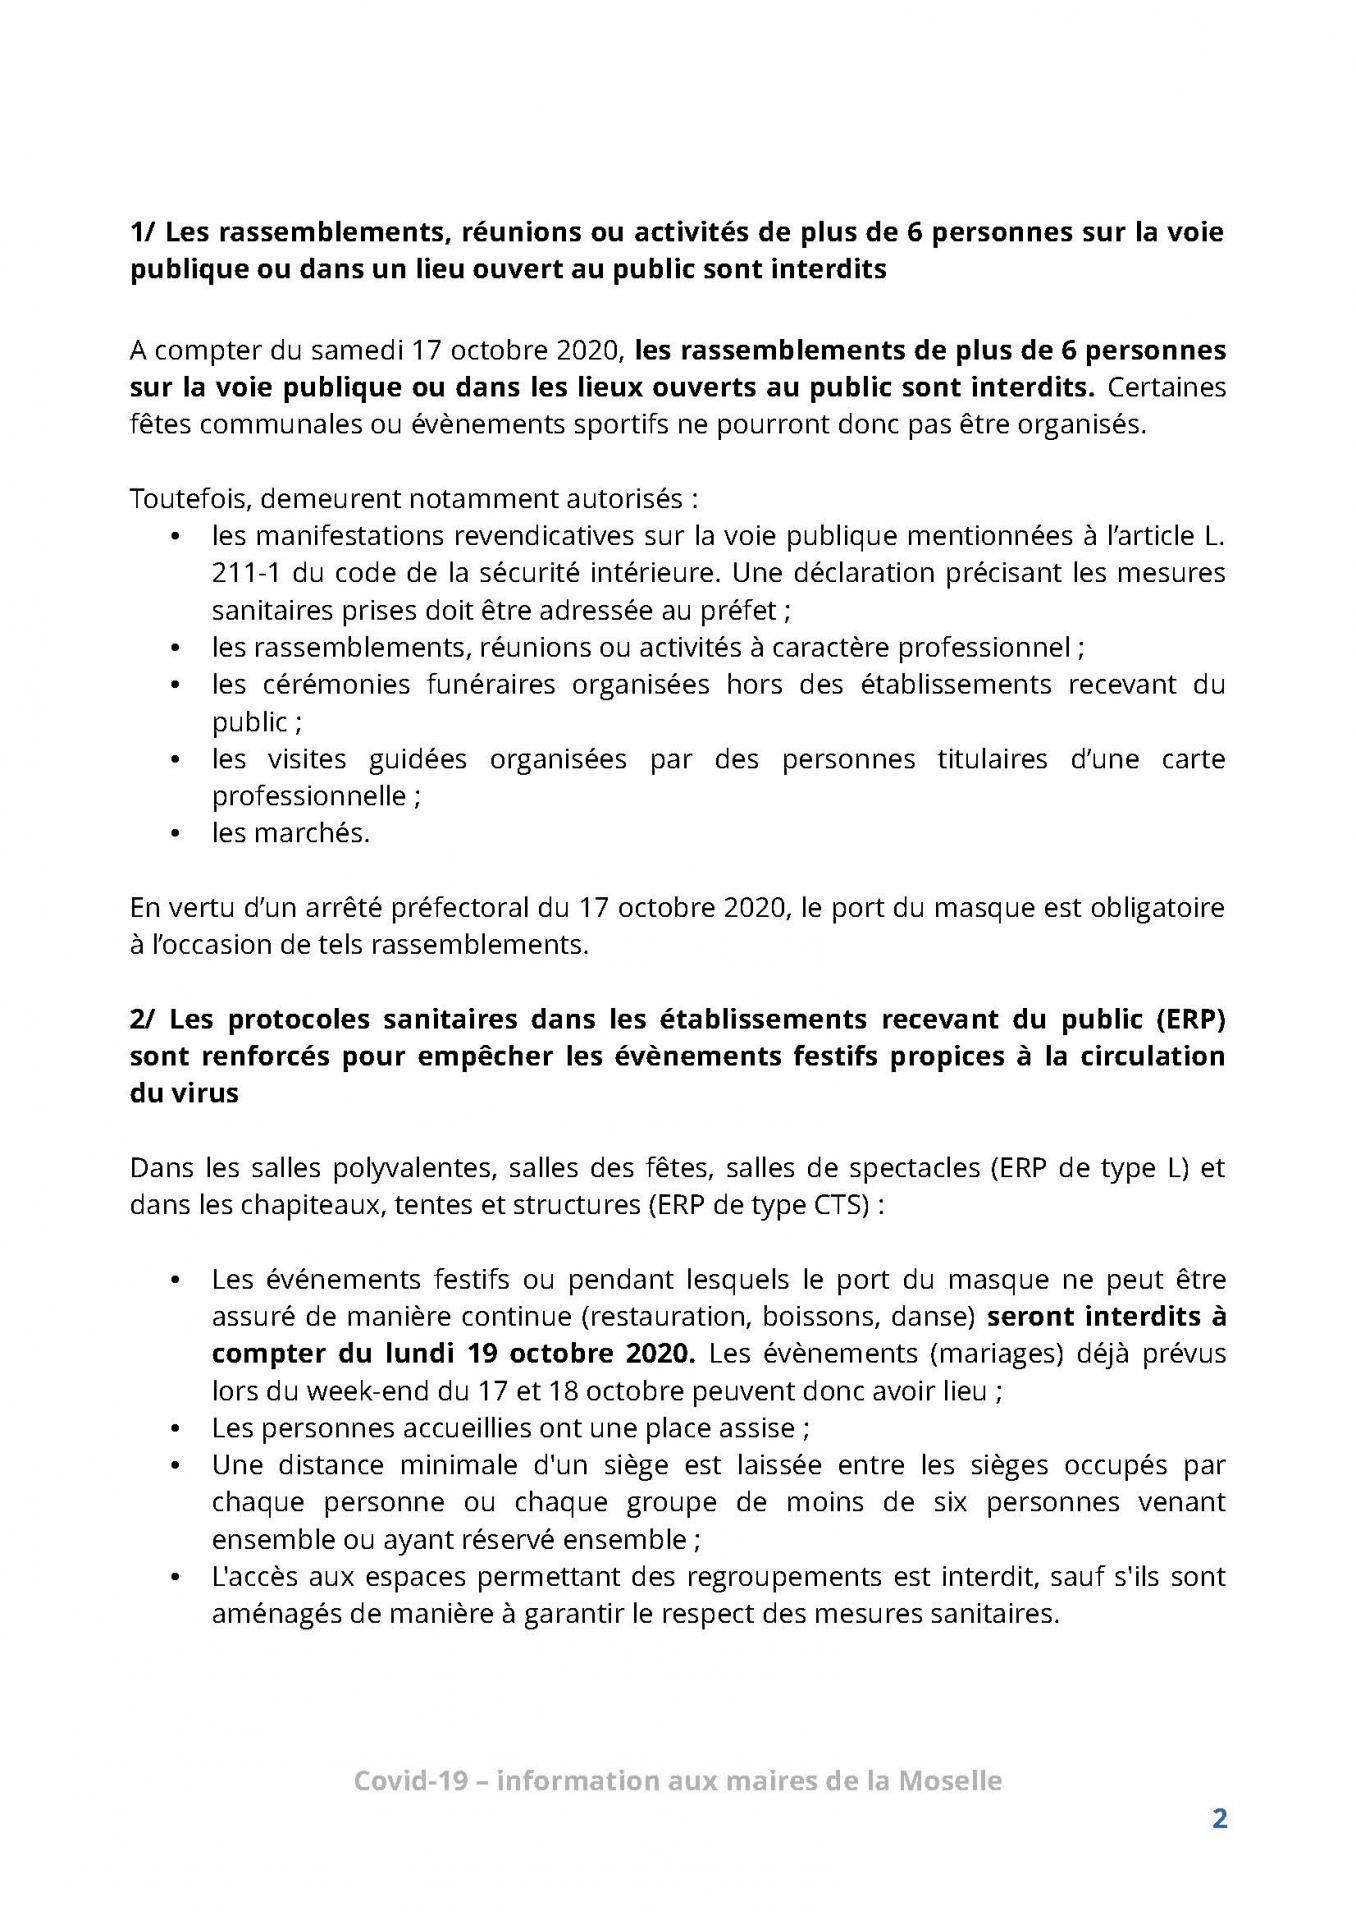 Pages de lettre d information aux maires n 19 covid page 2